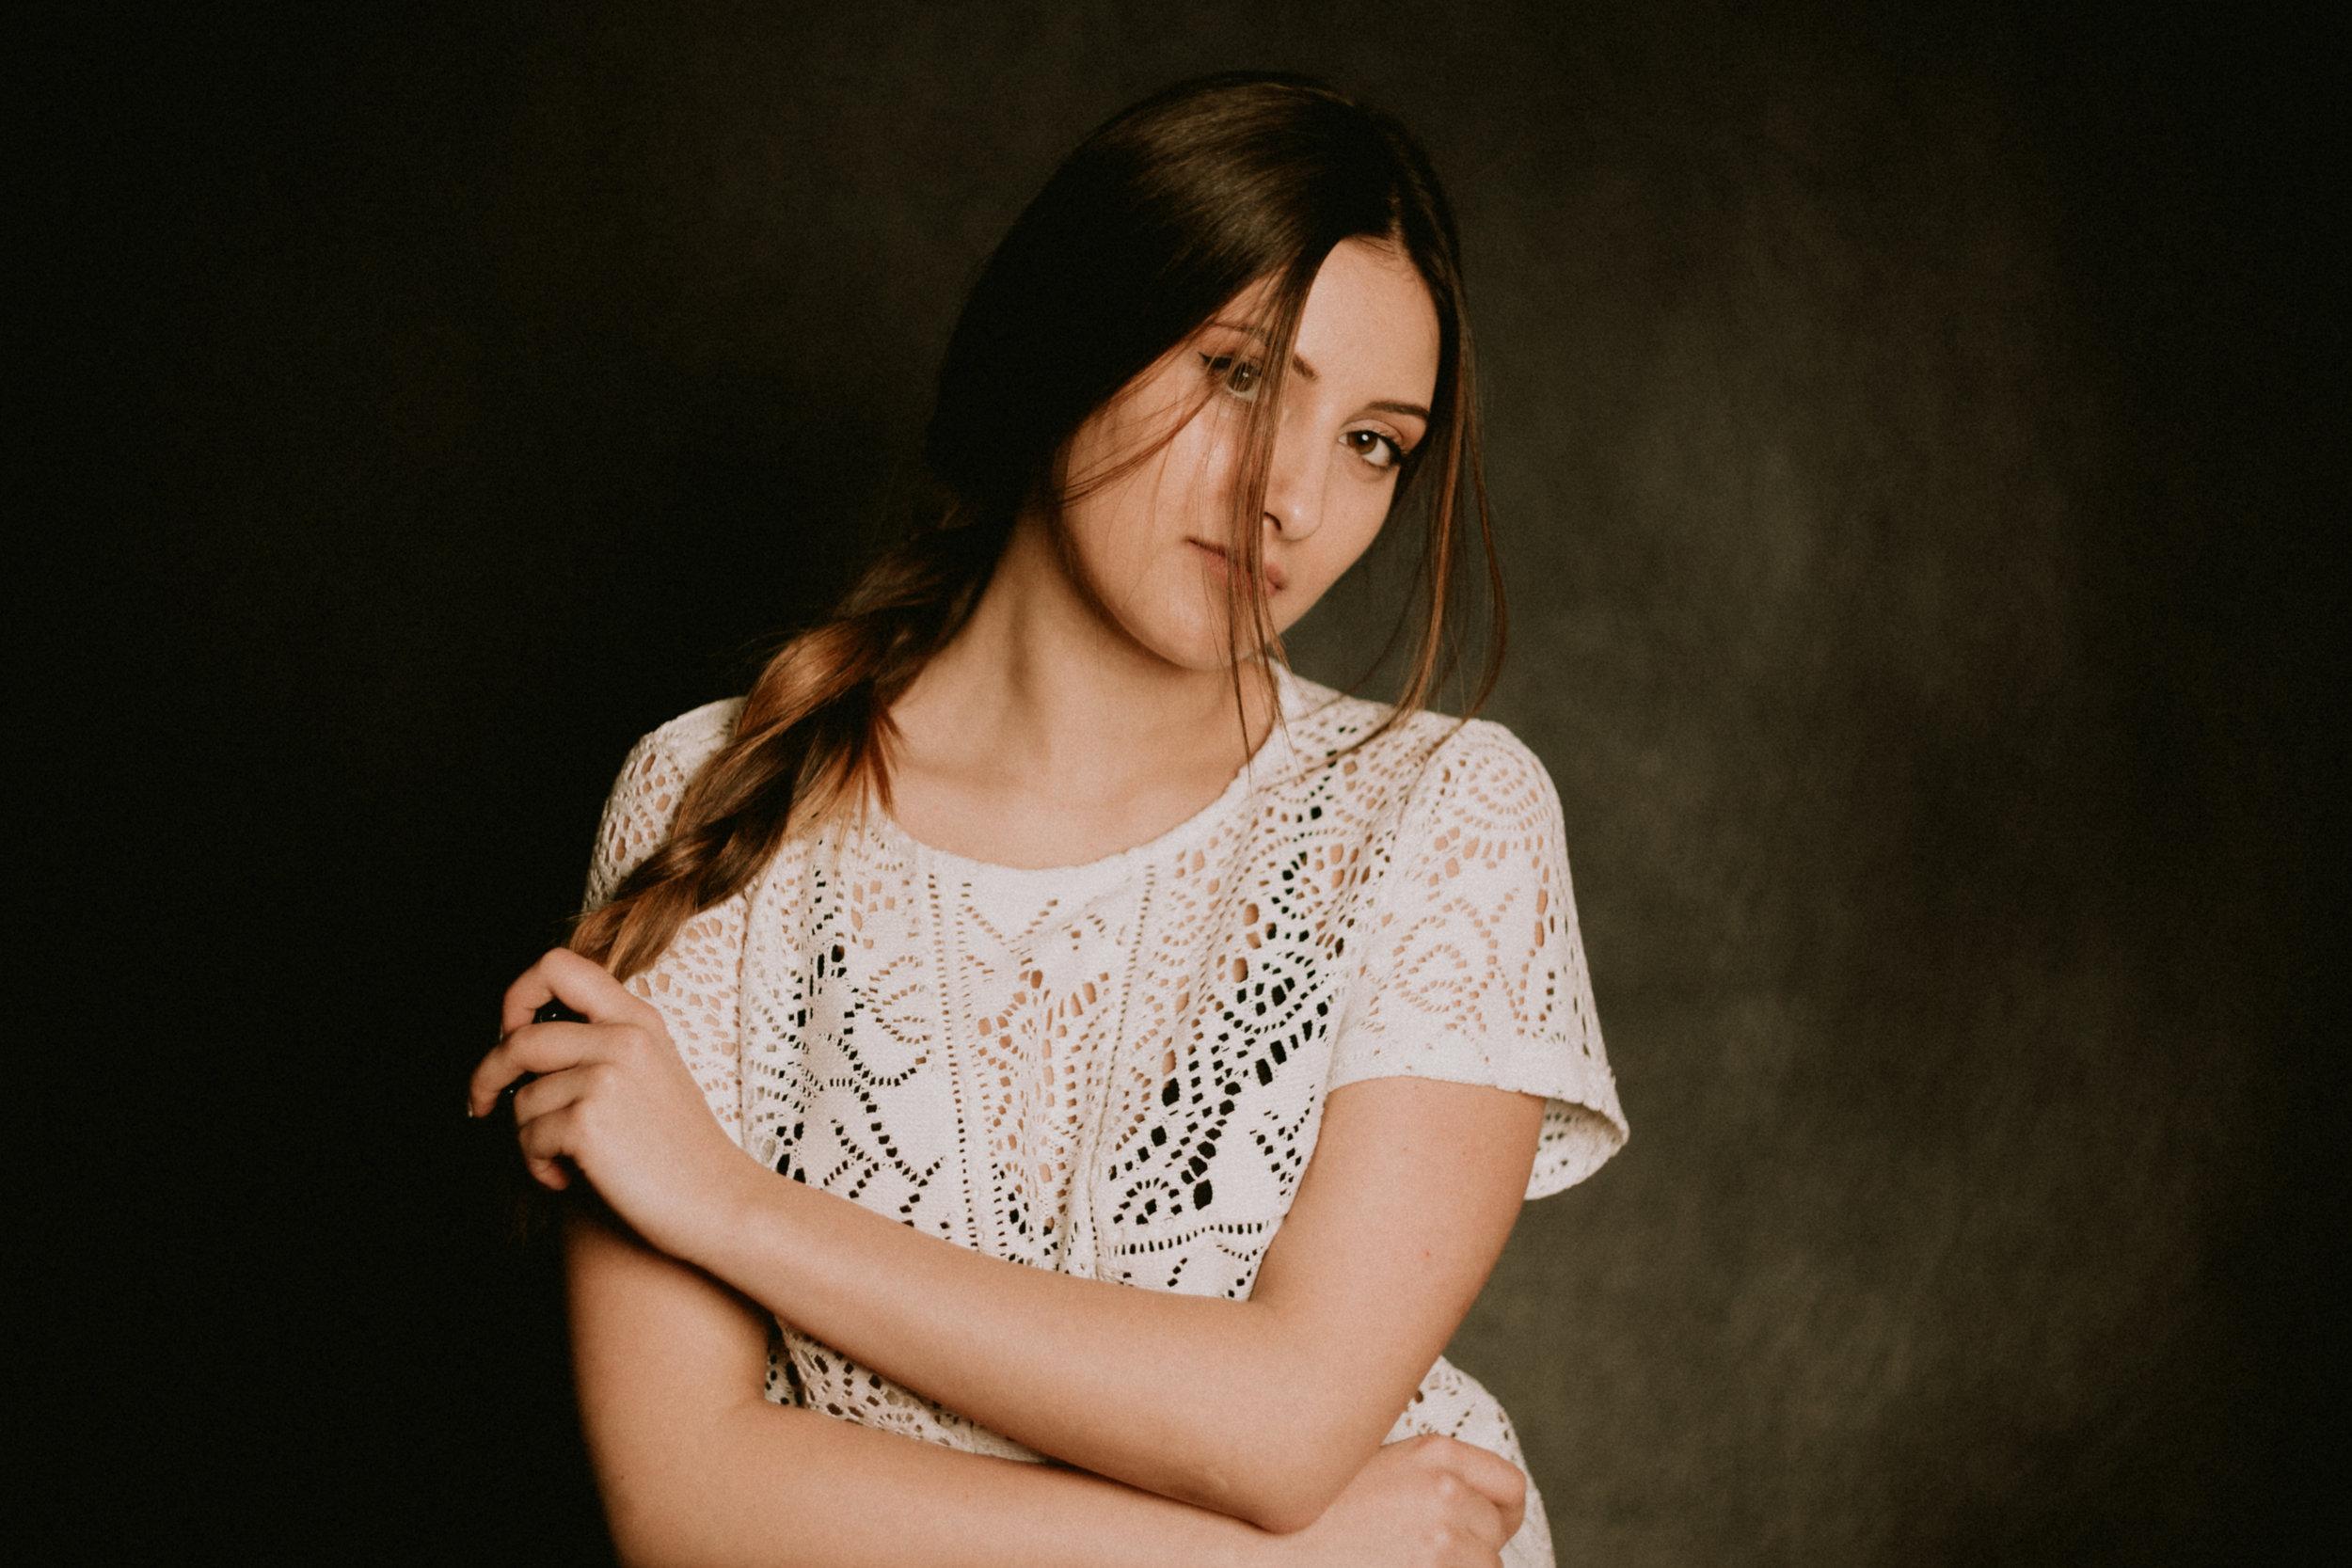 Rebeka_FULL-089.jpg